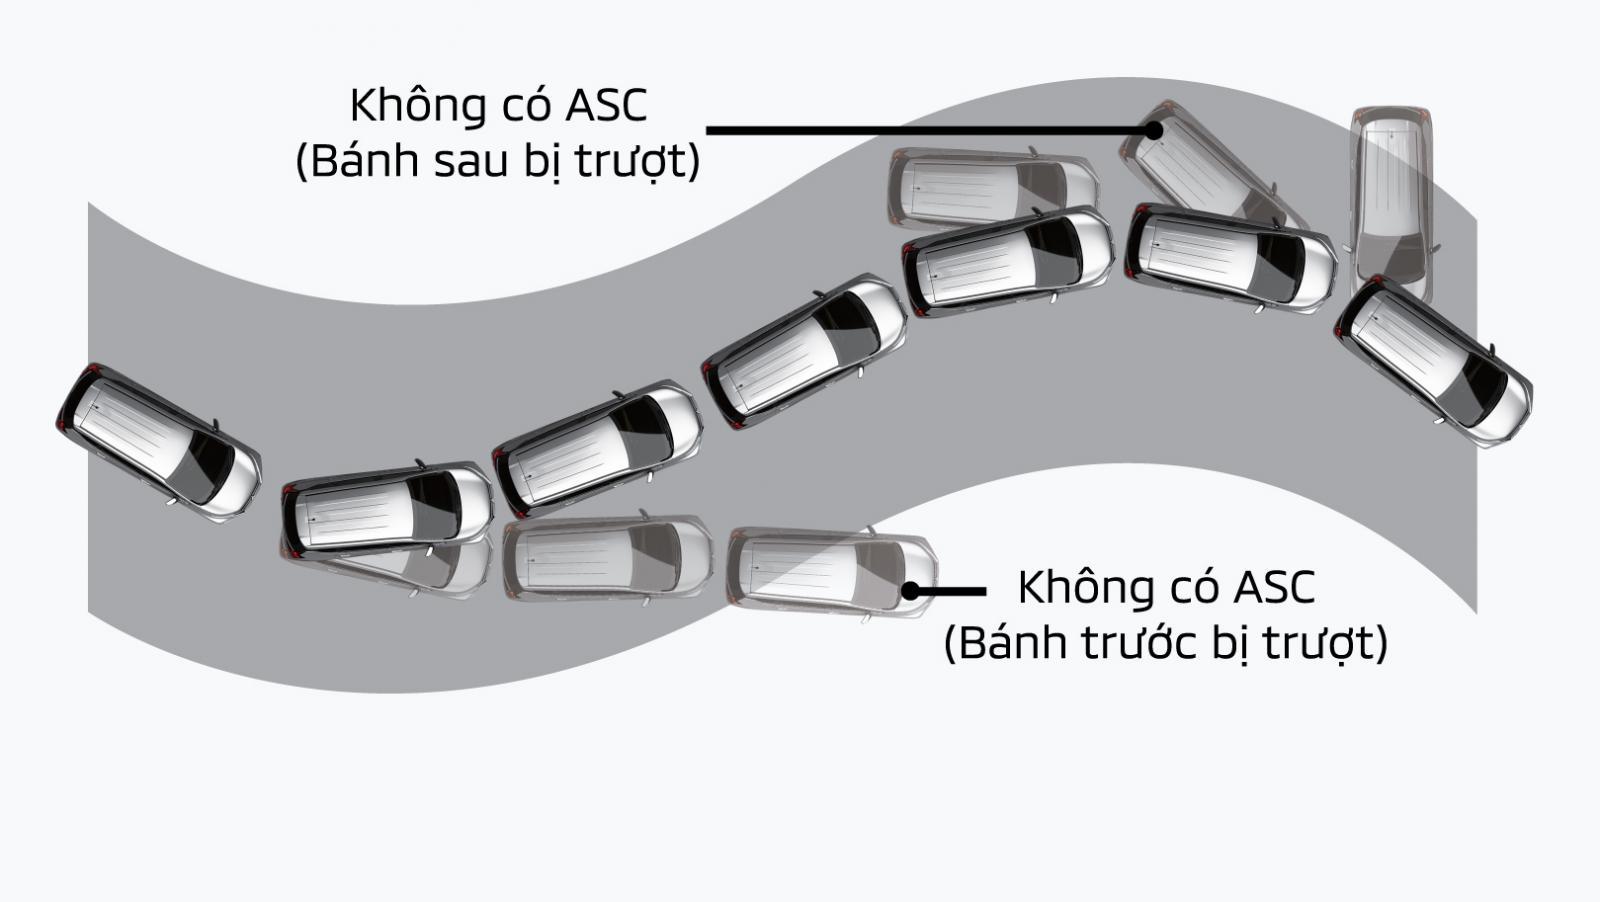 Hệ thống cân bằng điện tử ASC